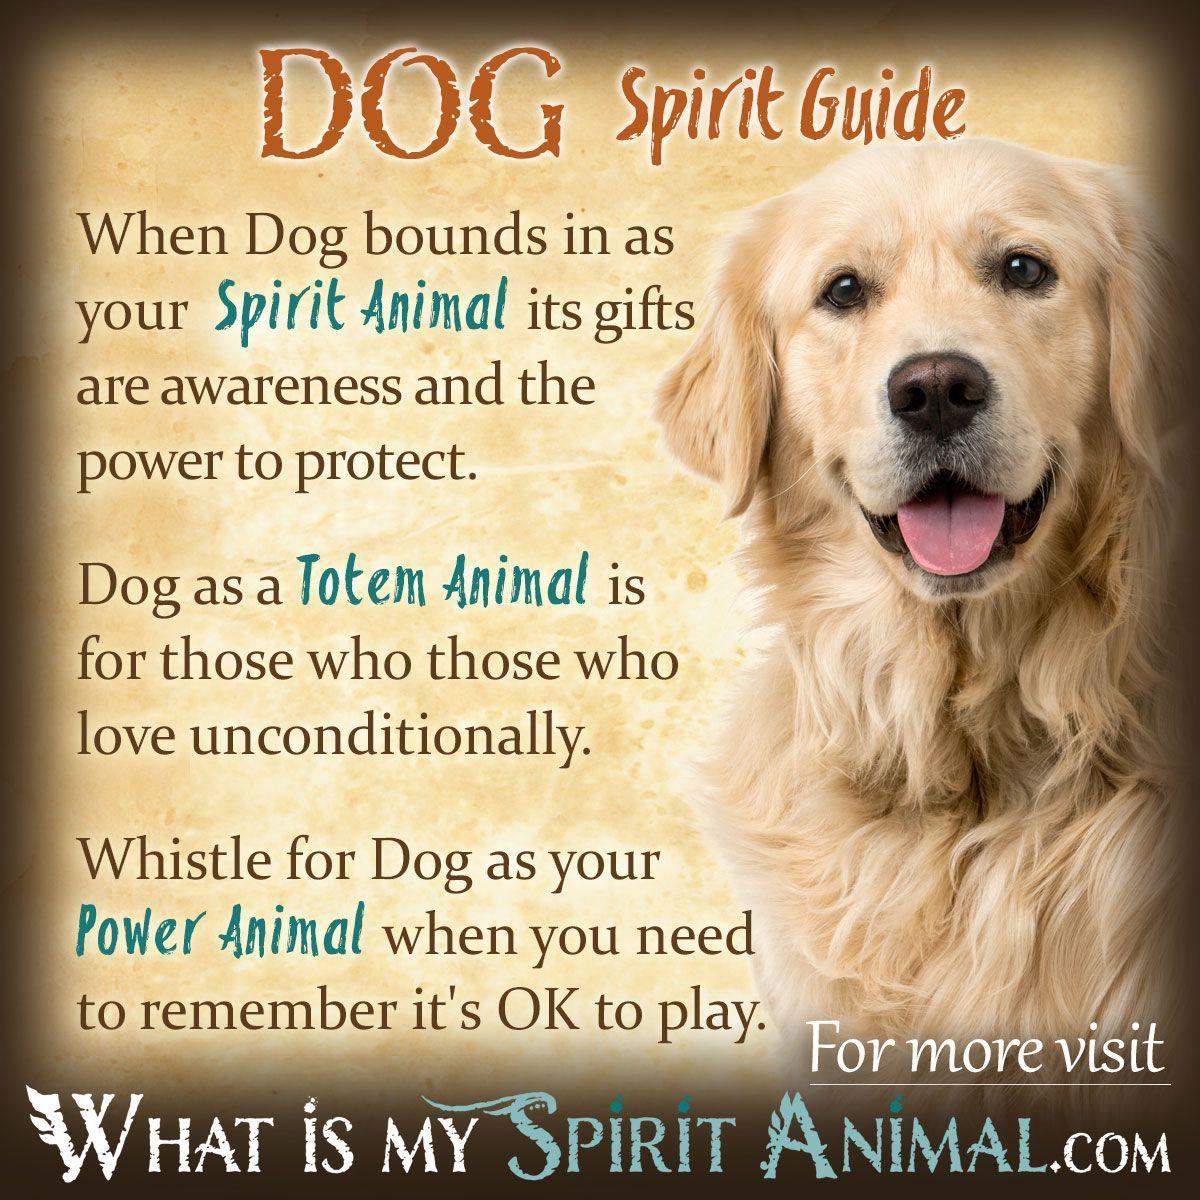 Meet your #SpiritAnimal! Take the real, fun & accurate